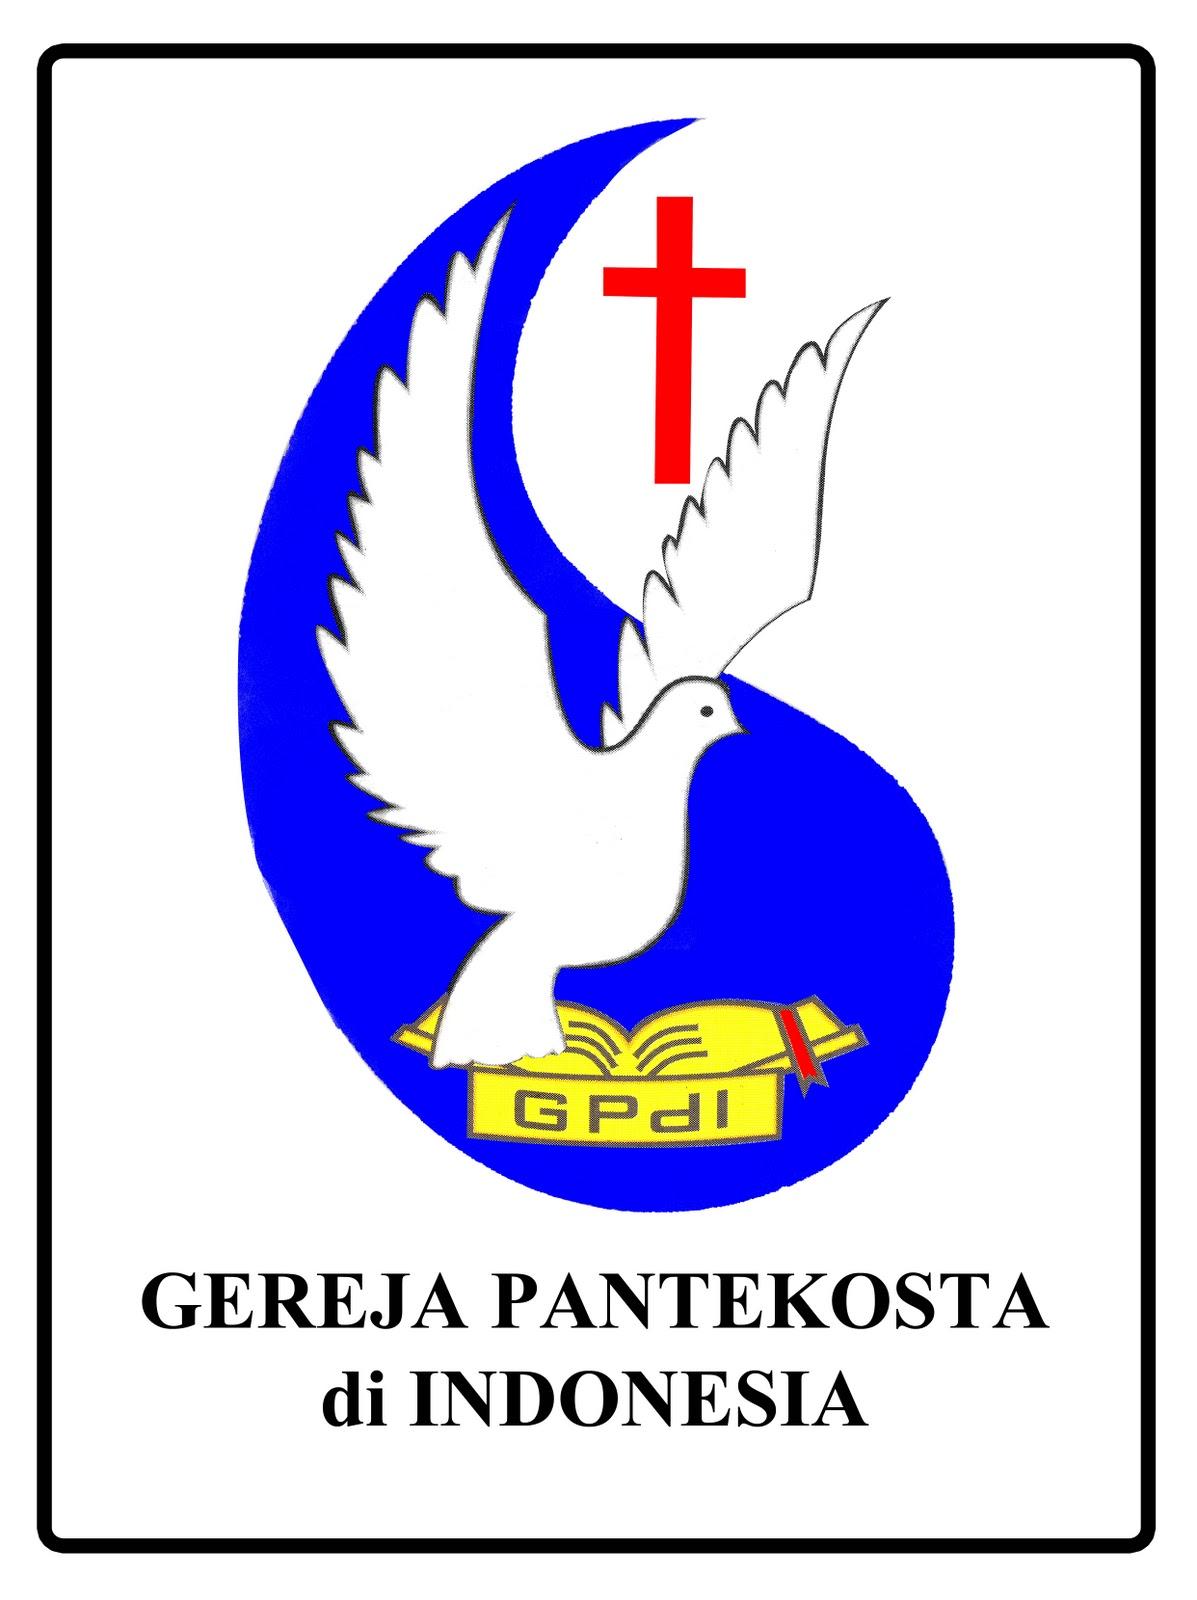 sejarah gereja pantekosta di indonesia gpdi silian